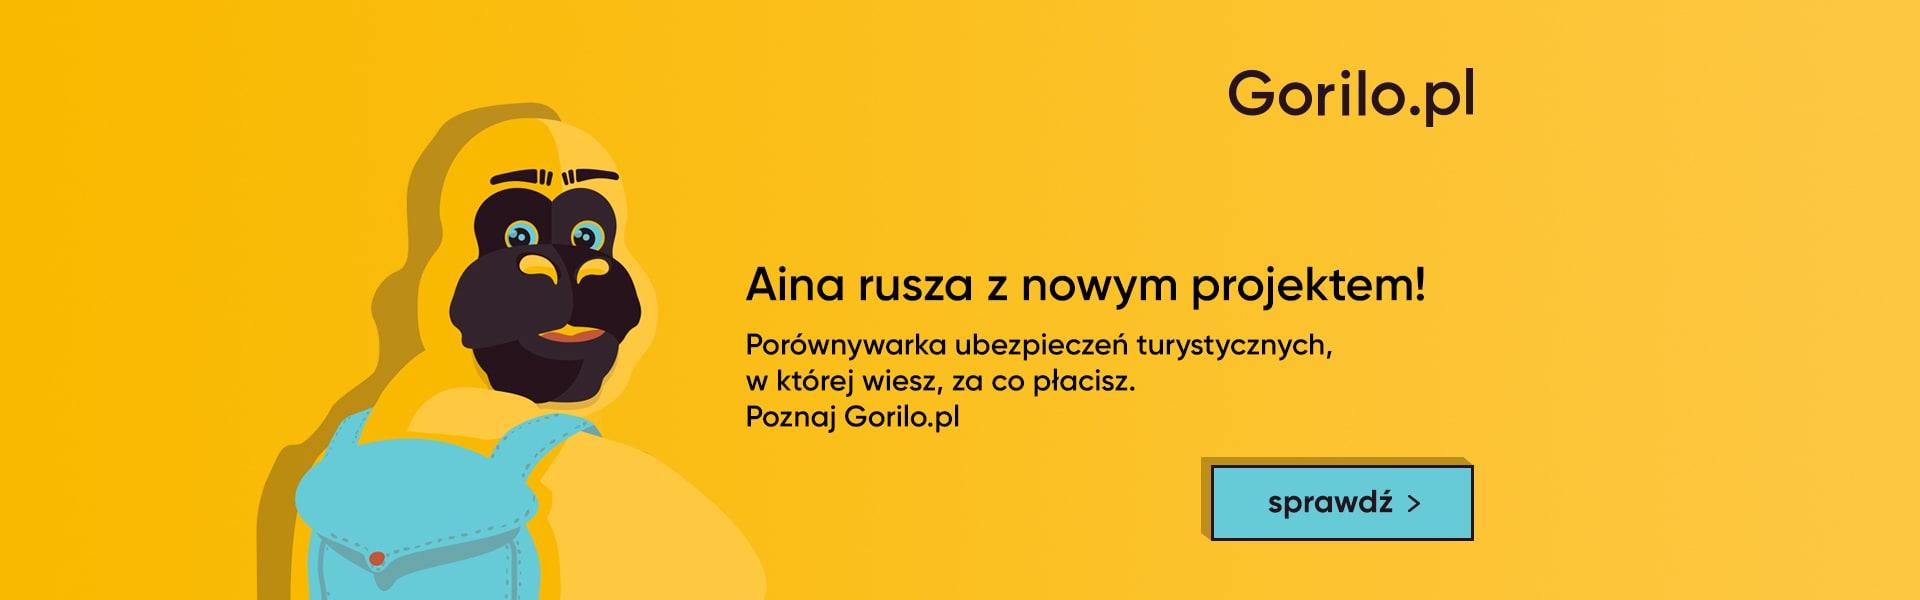 Gorilo.pl - Porównywarka ubezpieczeń turystycznych.